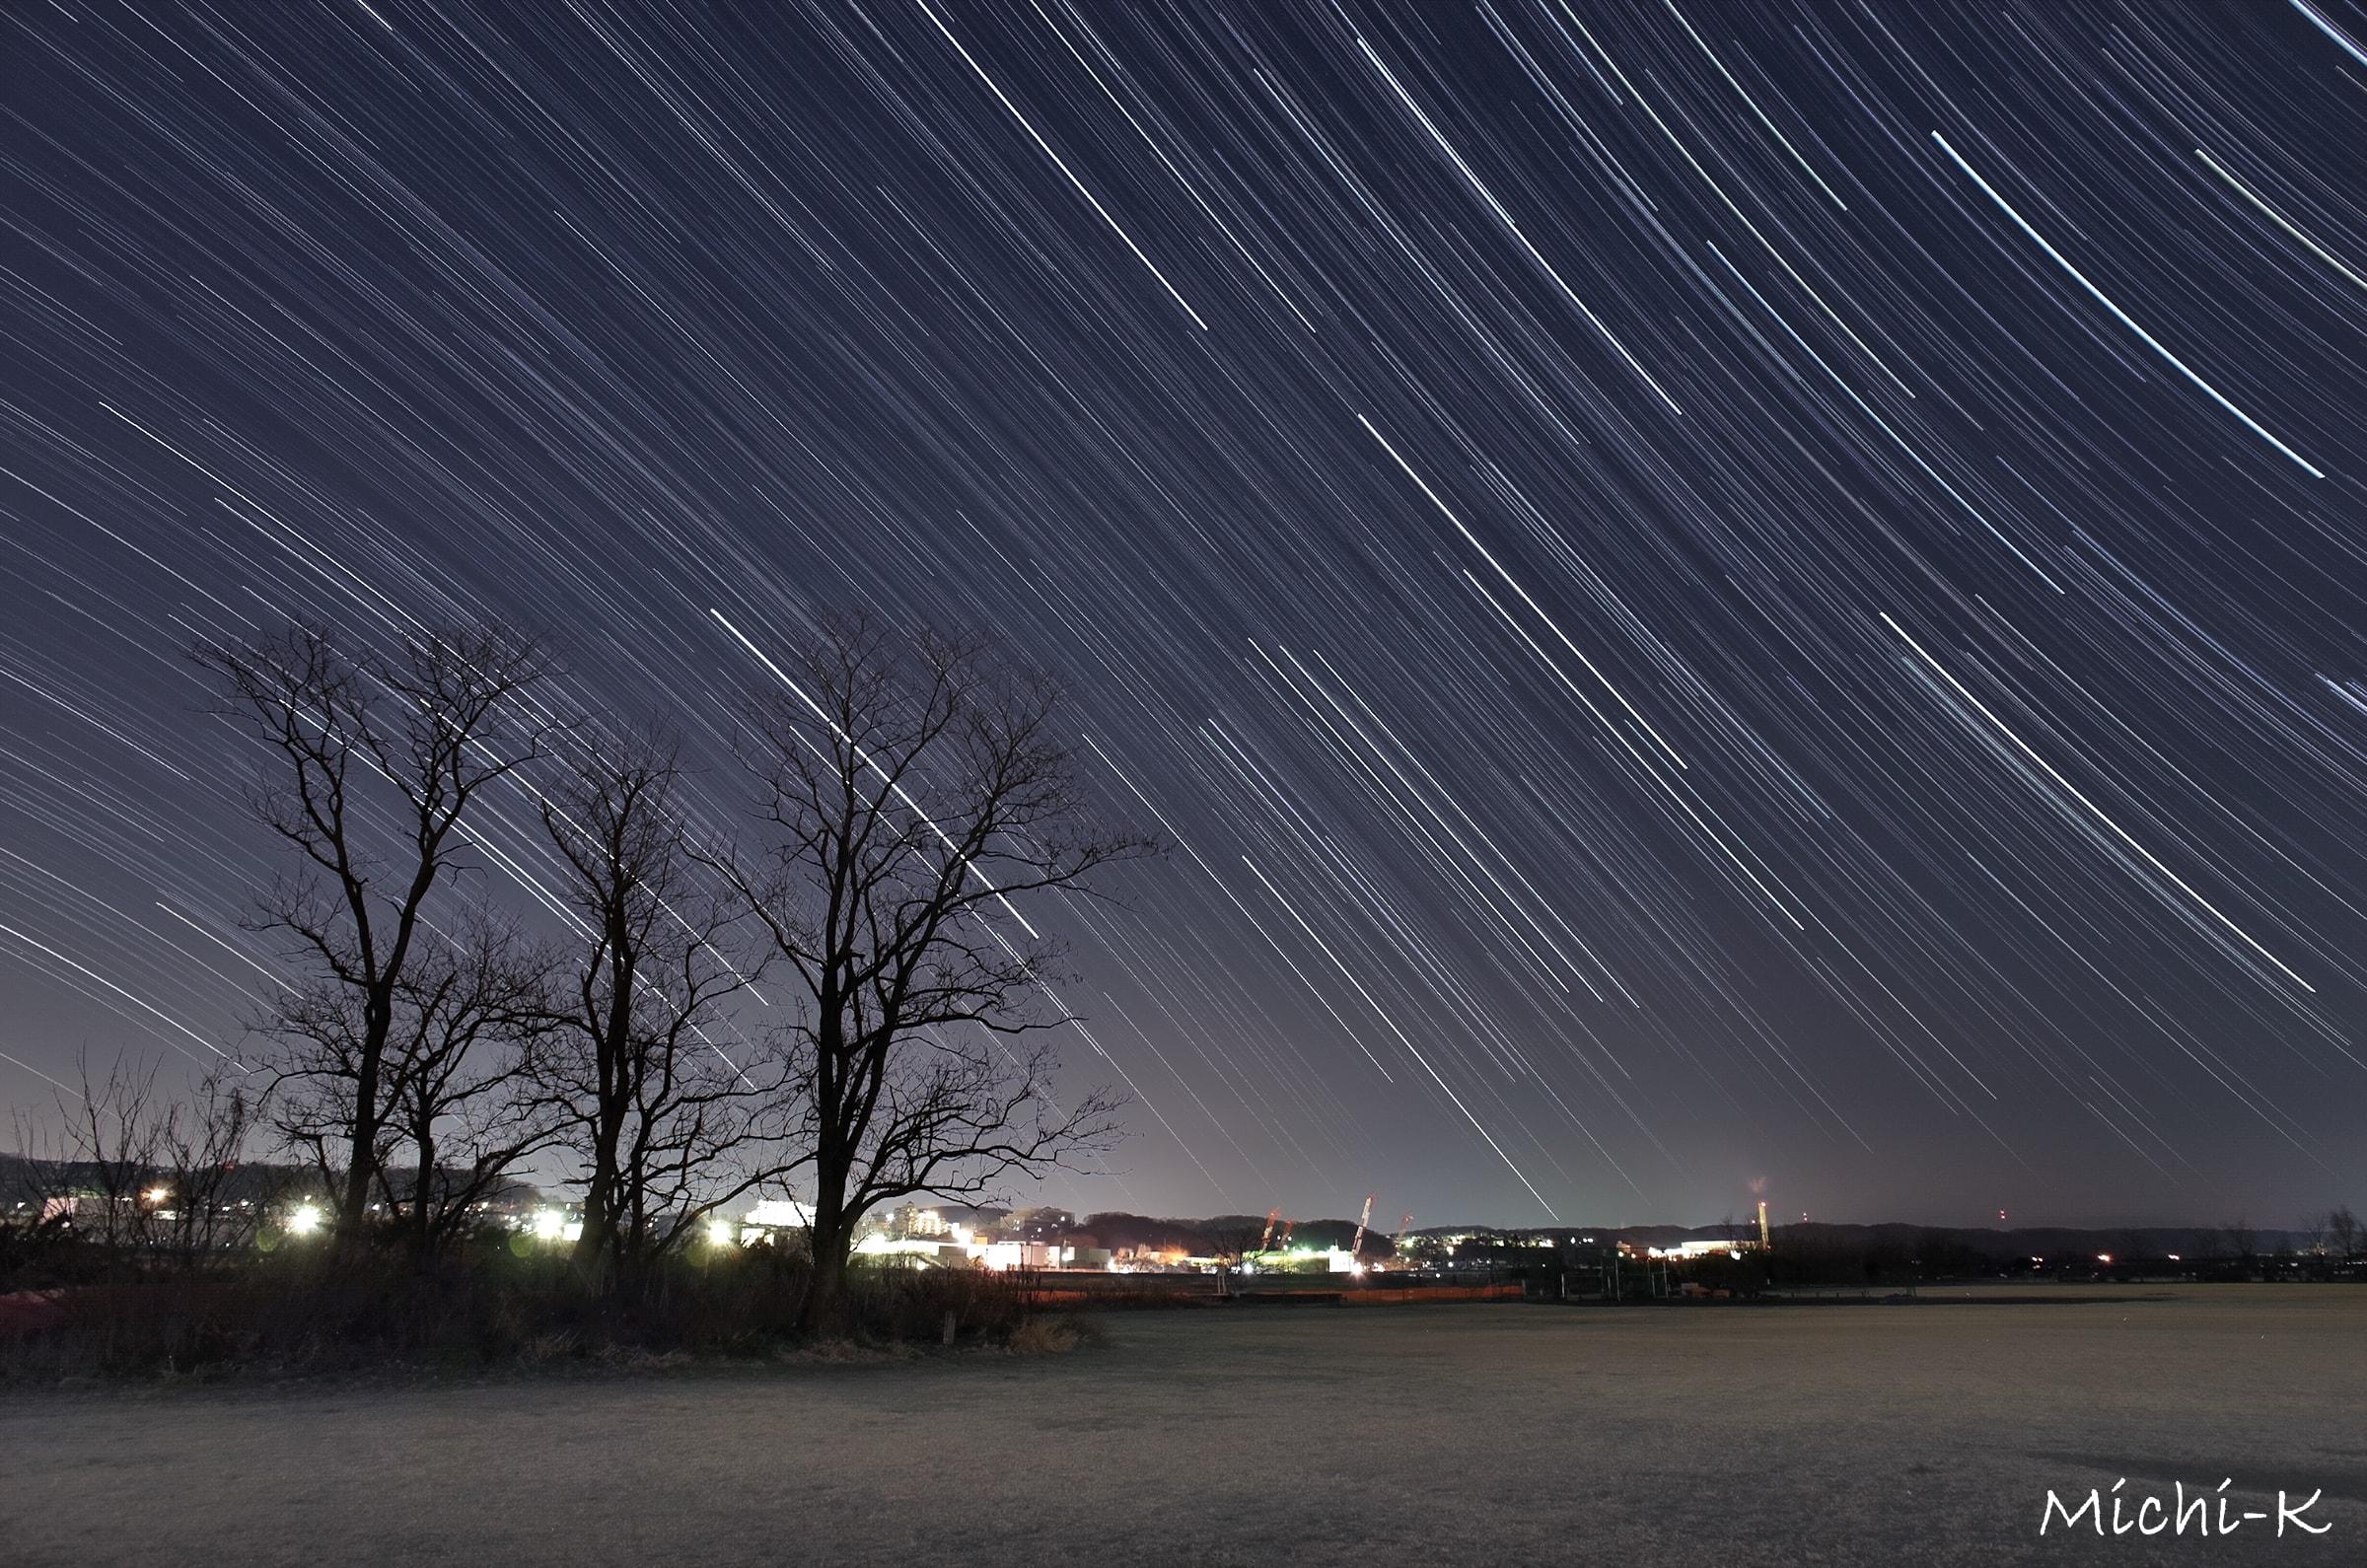 西の空に沈む星たち